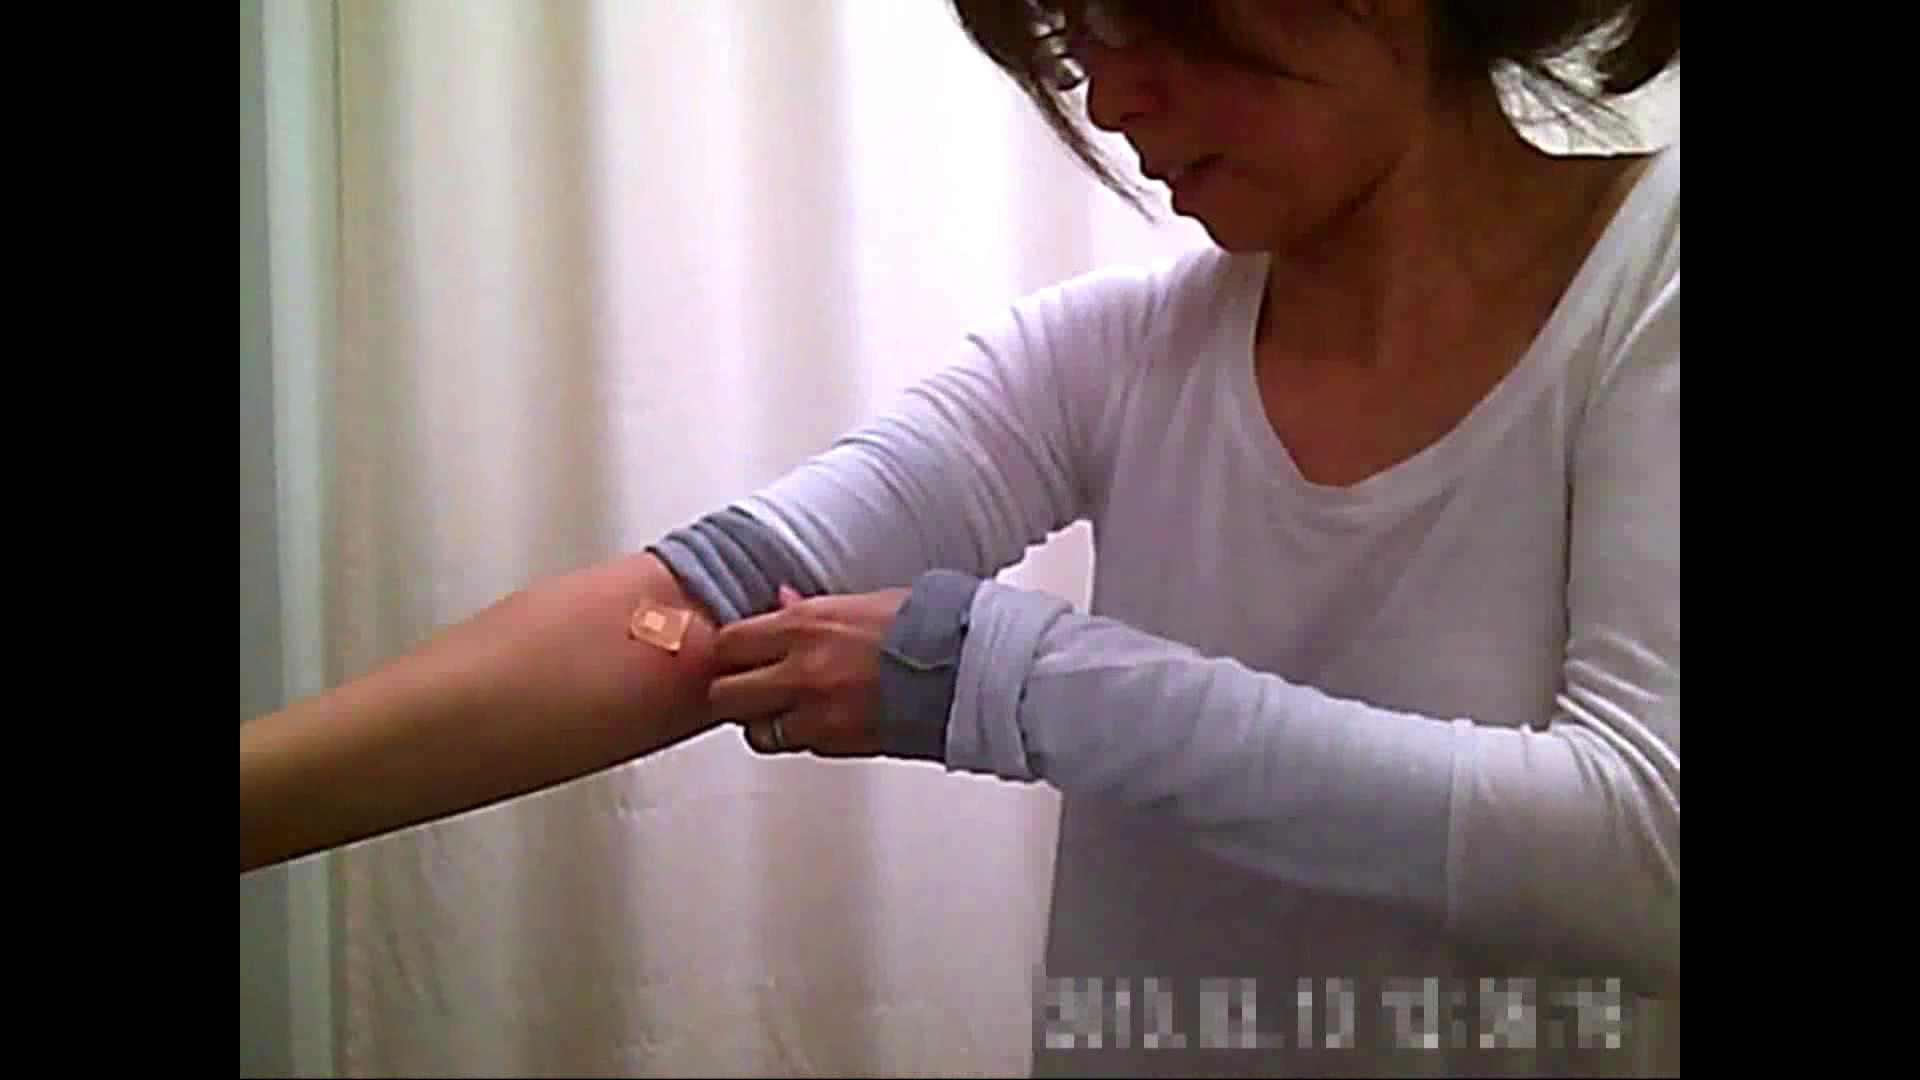 病院おもいっきり着替え! vol.198 乳首 のぞき動画画像 69pic 54